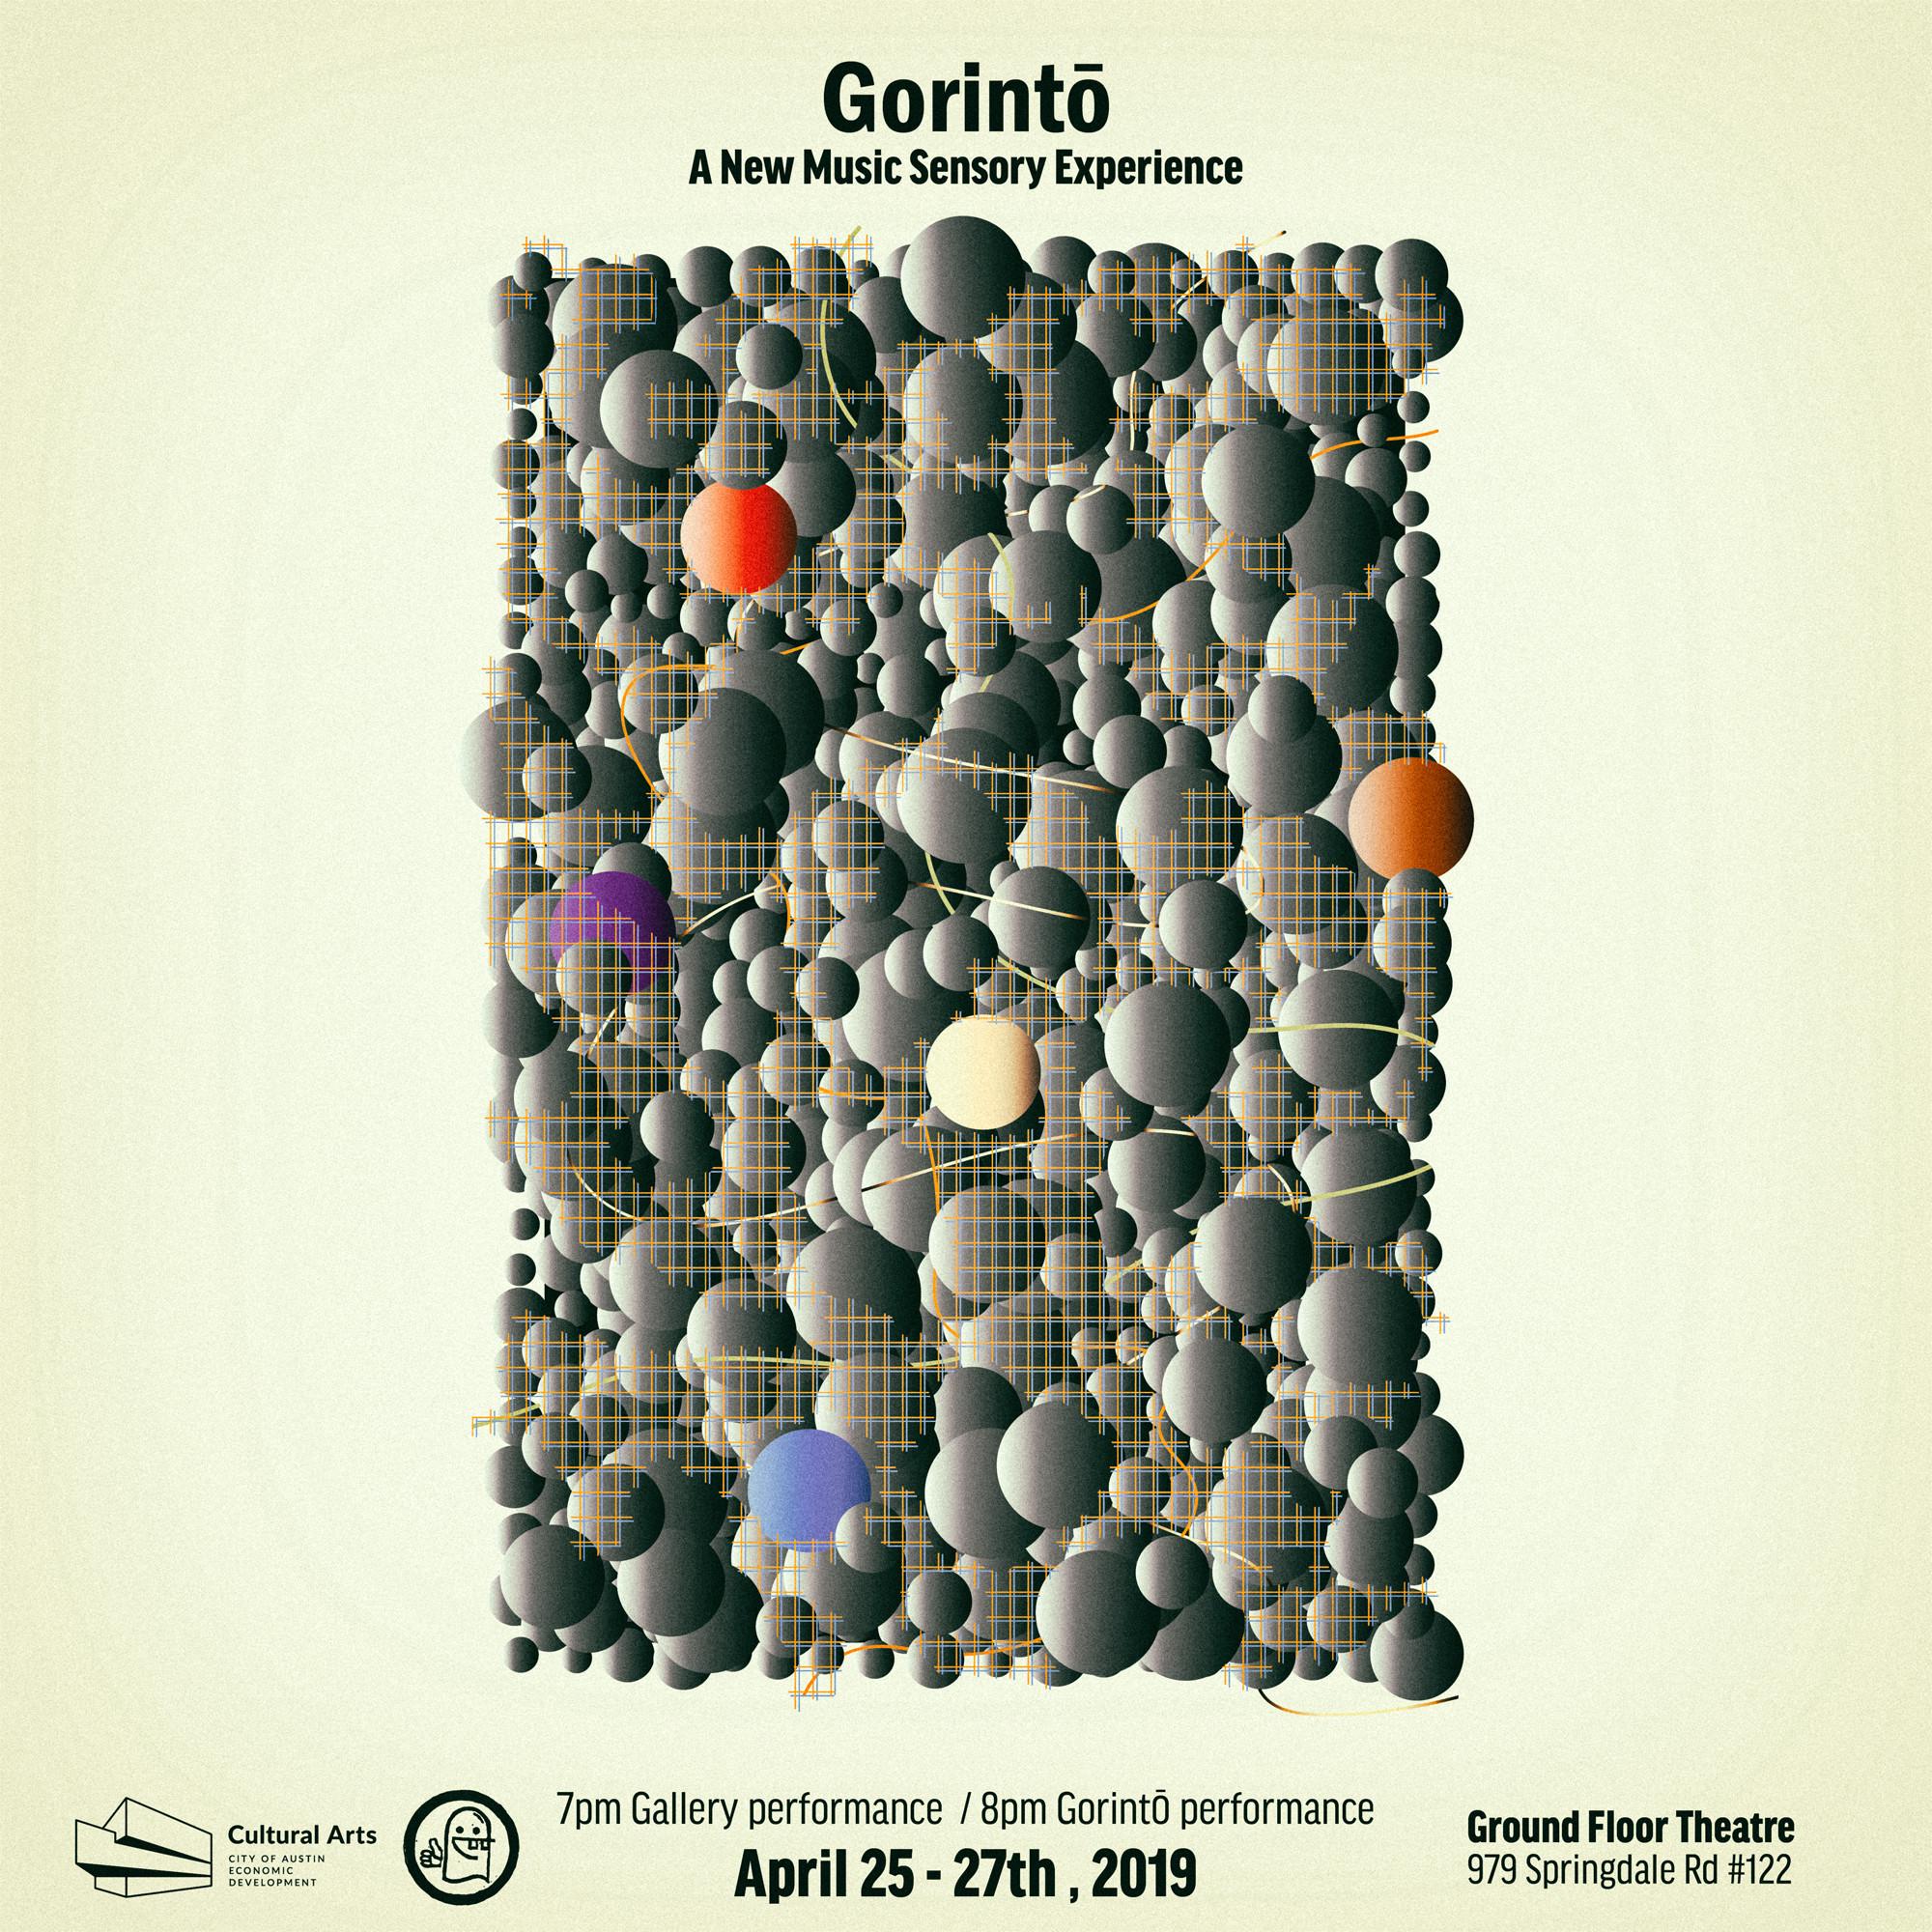 Square_Gorinto_poster